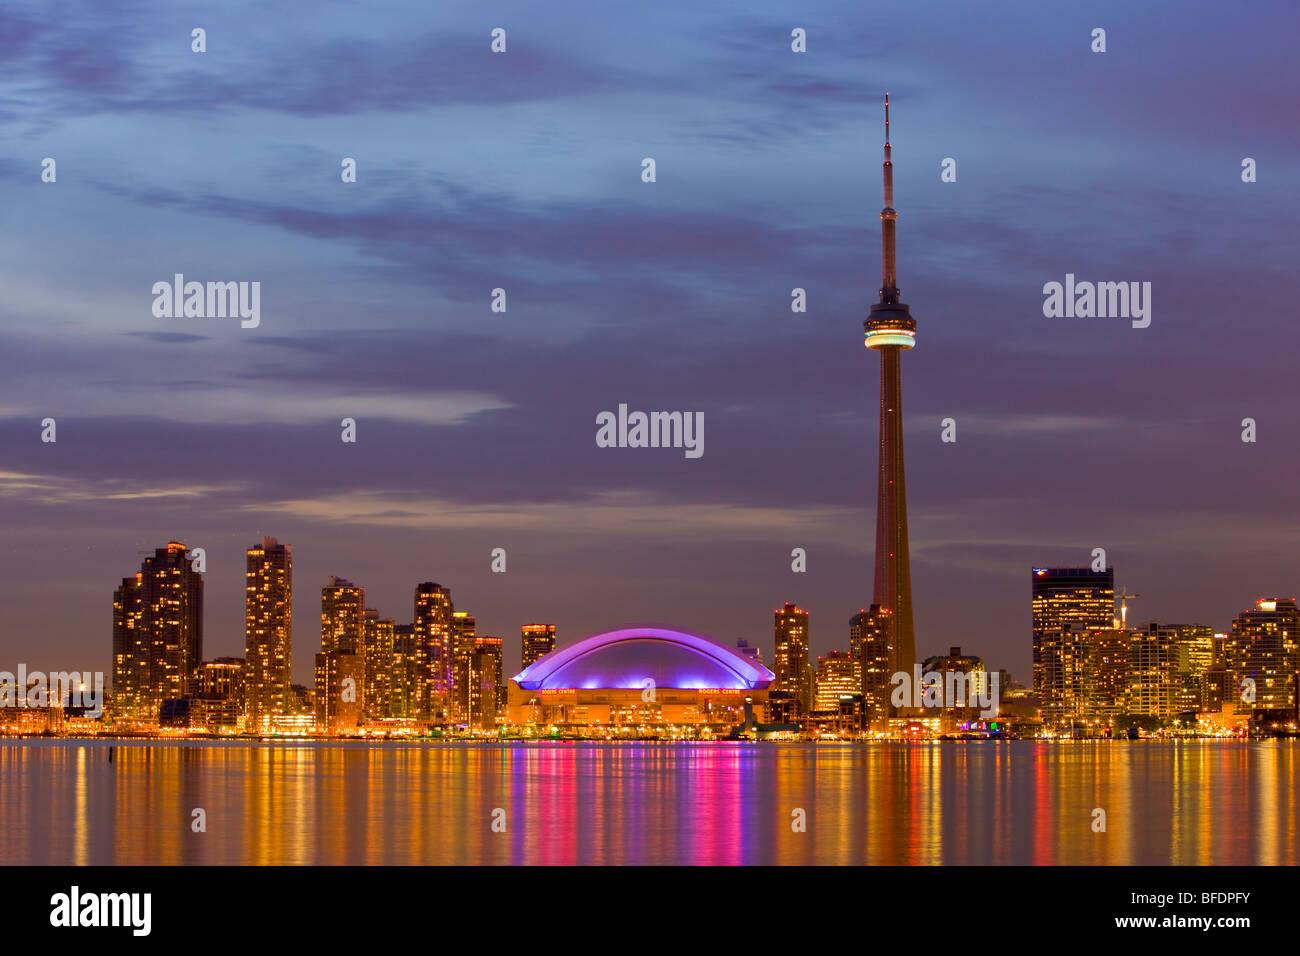 Skyline di Toronto con la CN Tower e il Rogers Centre al crepuscolo, Toronto, Ontario, Canada Immagini Stock